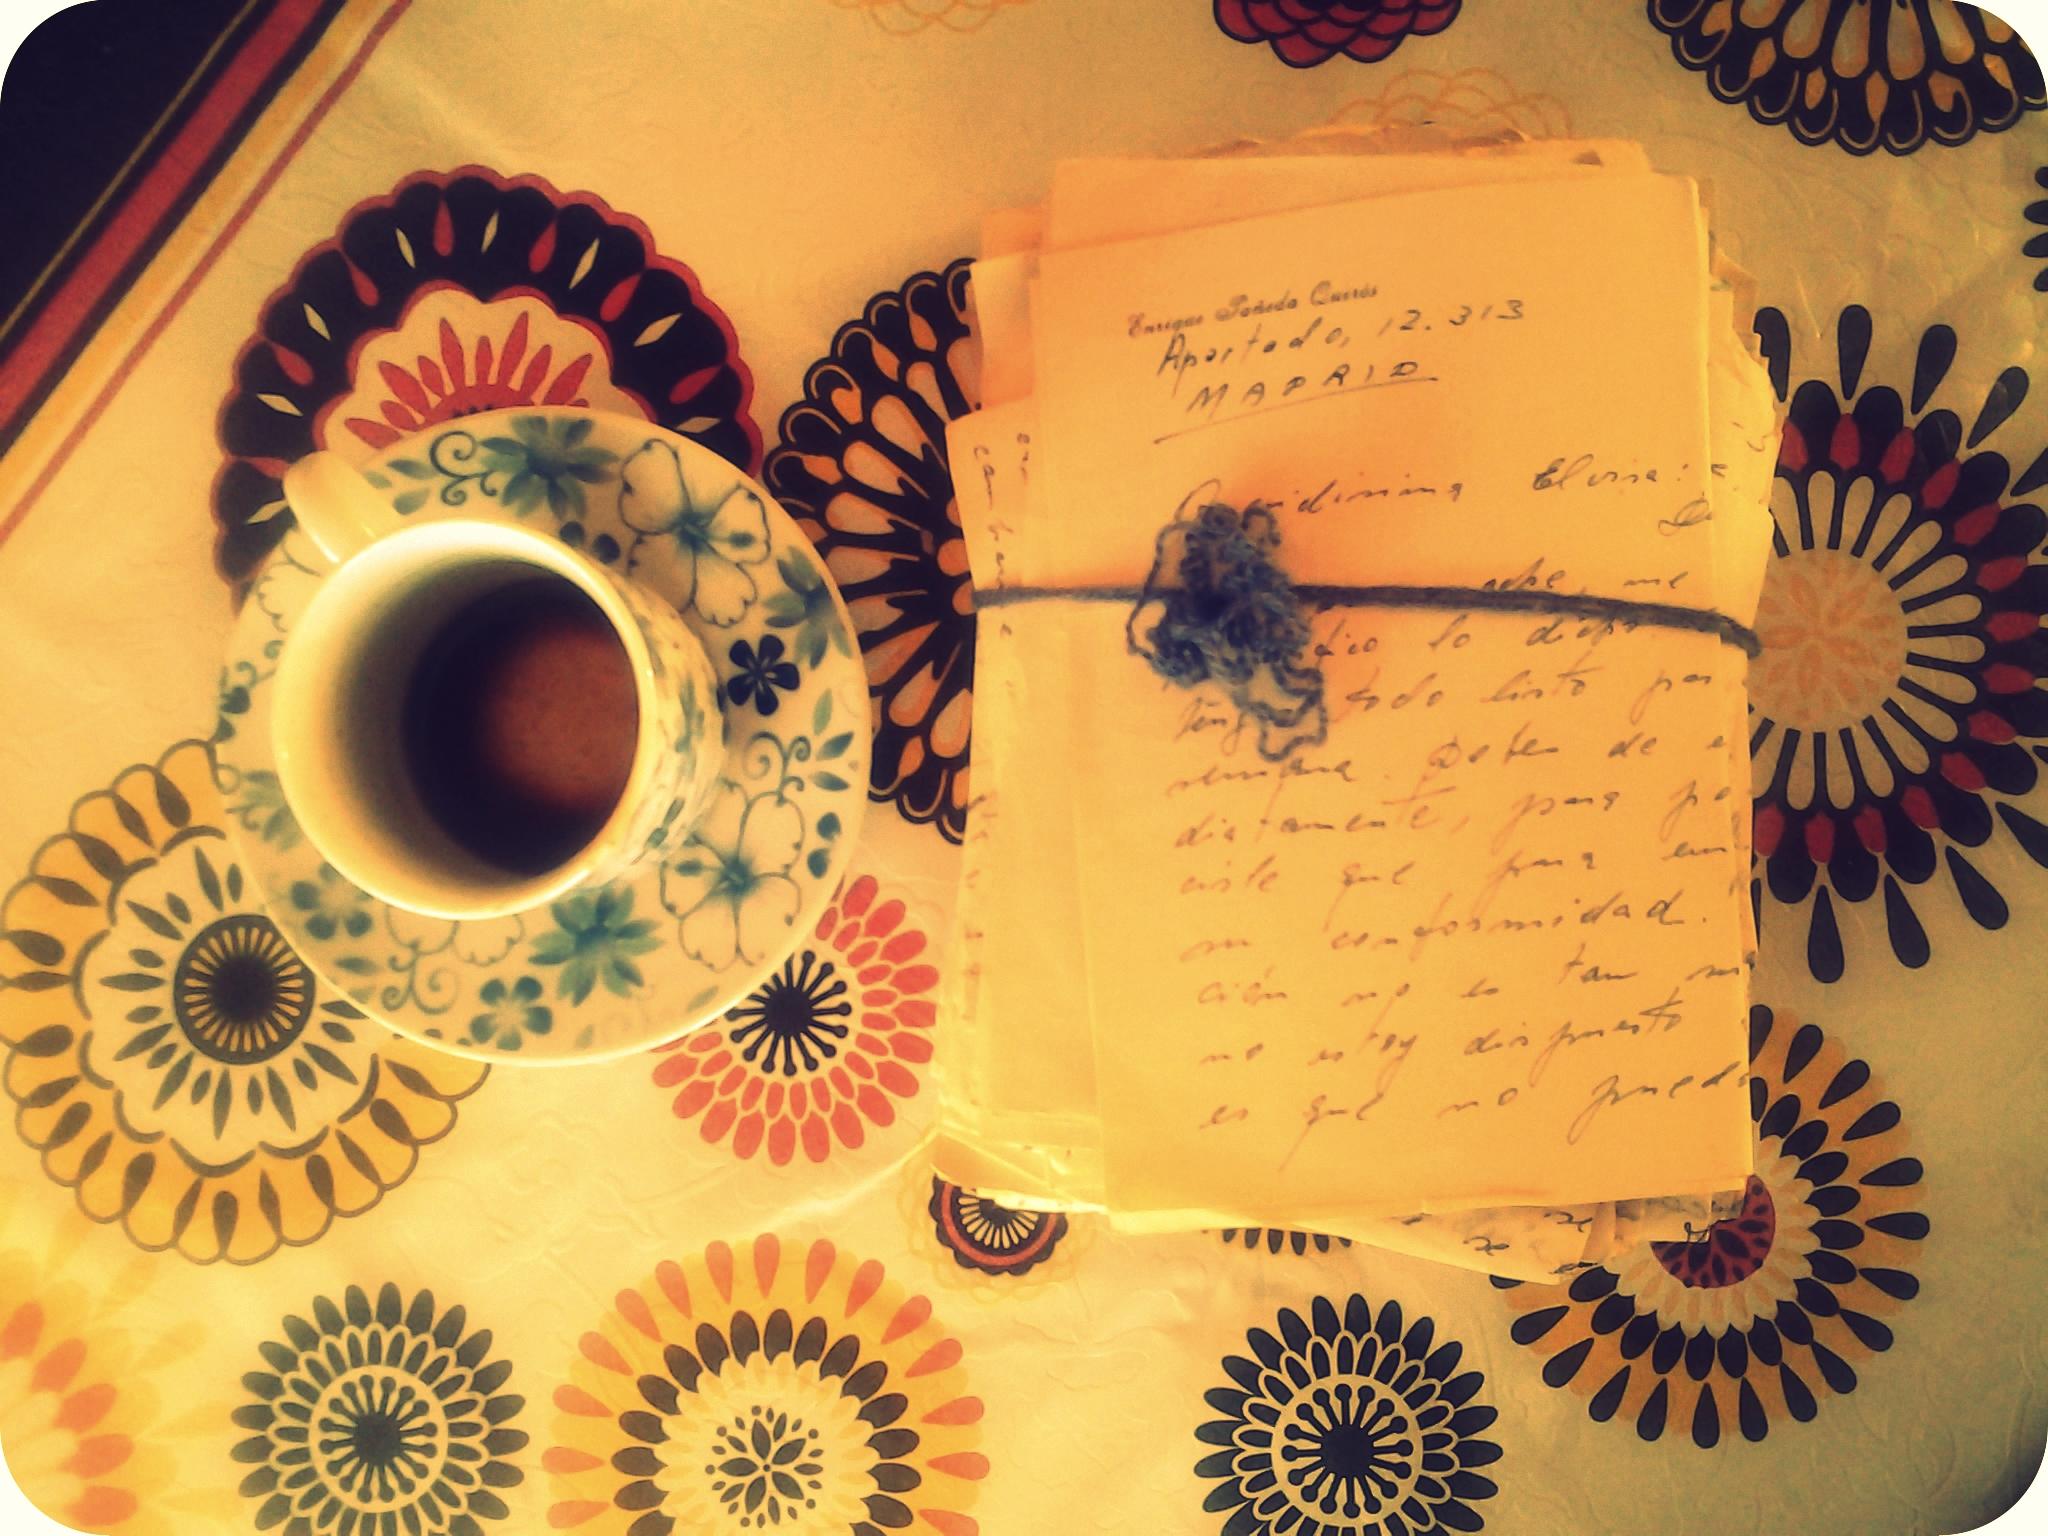 Posos de café y cartas